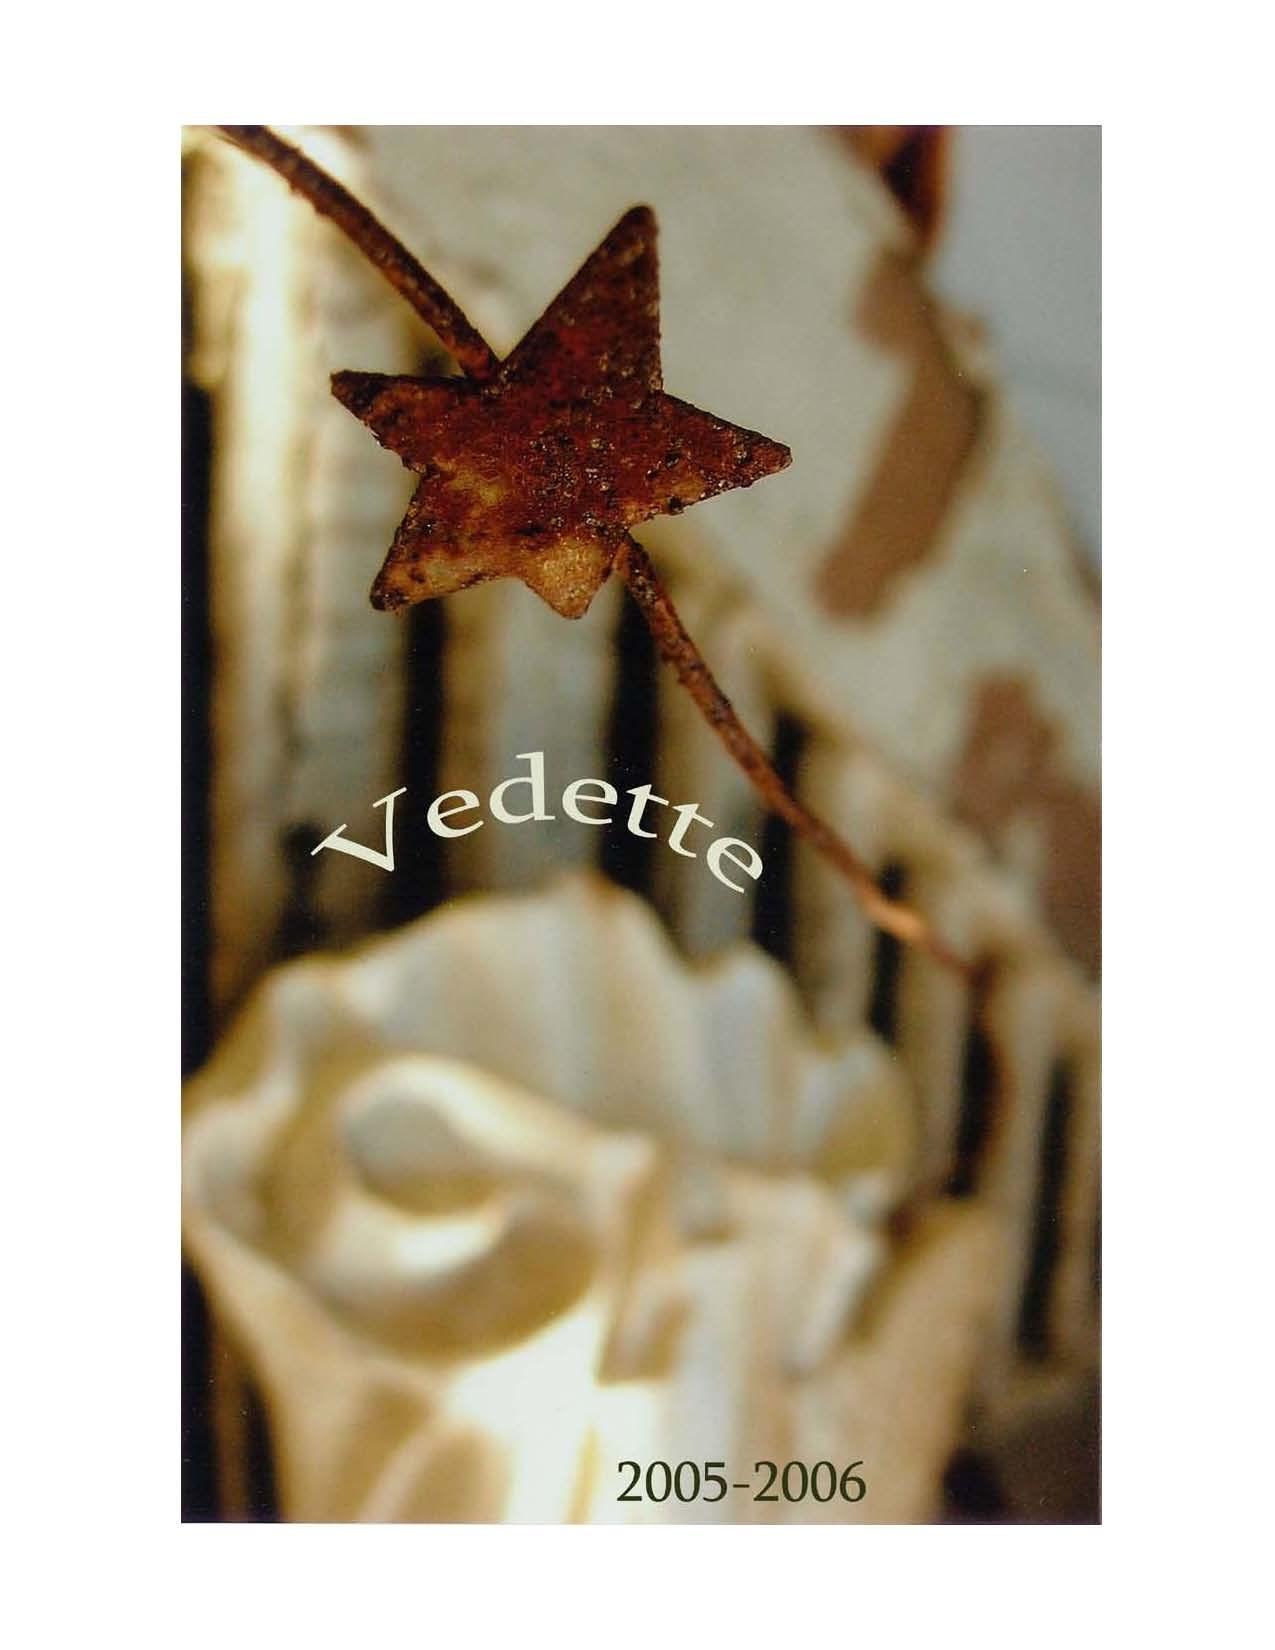 Vedette Cover 2005-2006